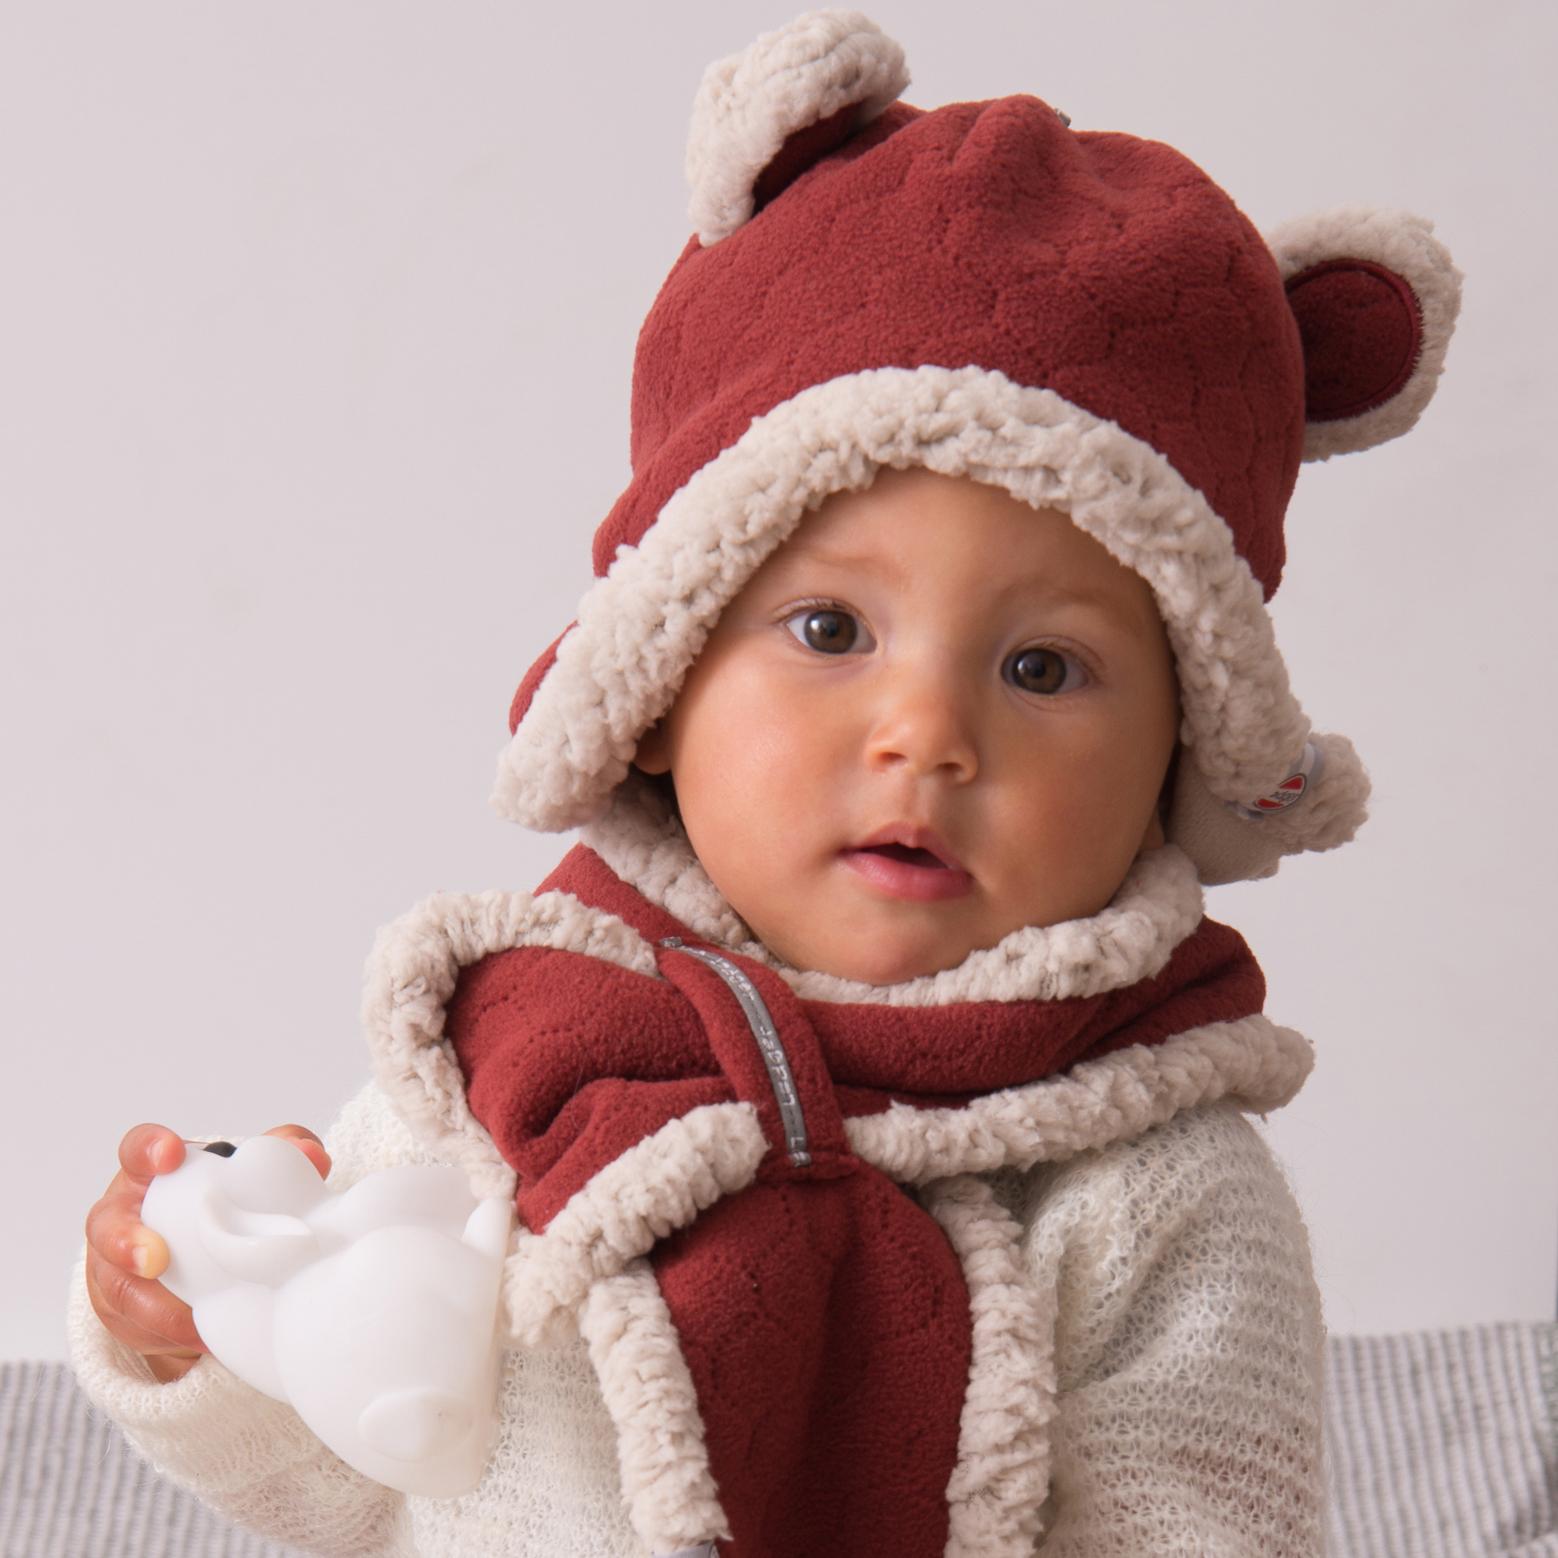 Babykleding Winter.Lodger Muffler Is Een Overslag Baby Sjaal Gemaakt Van Fleece Voor 0 12m